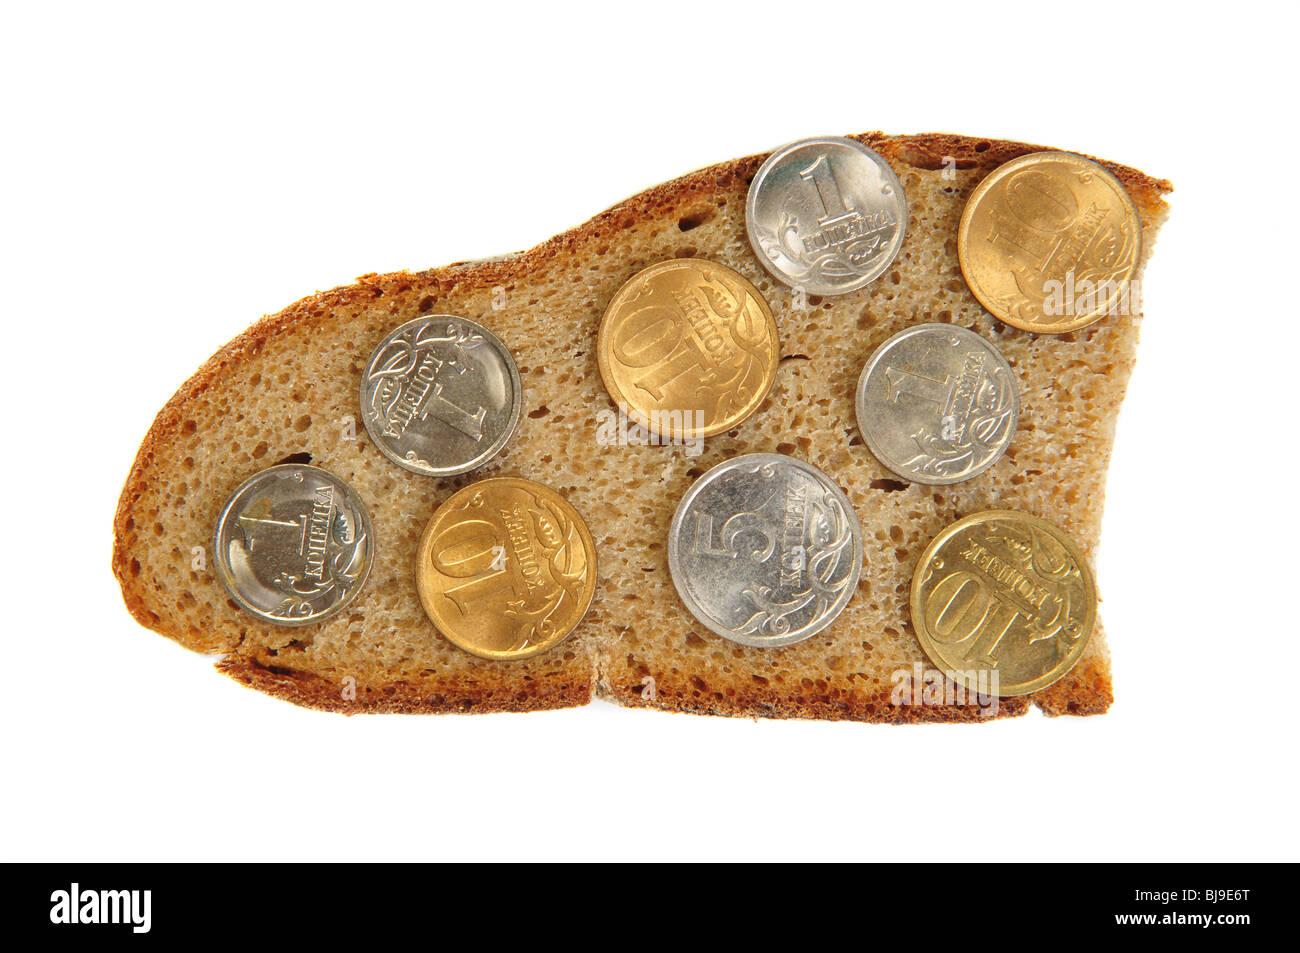 Pièces sur la tranche de pain de seigle. Isolated over white Photo Stock